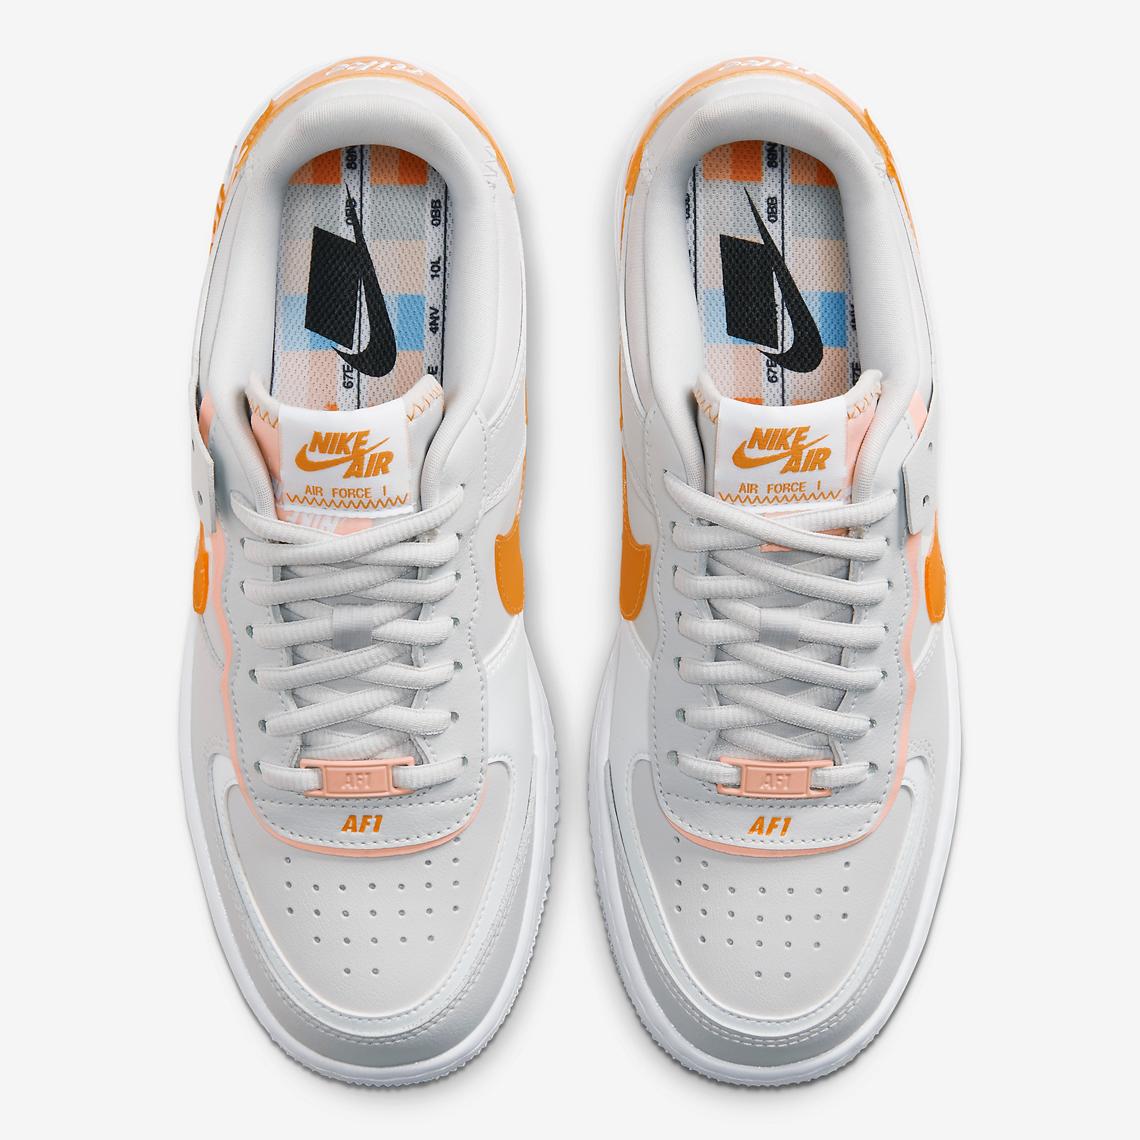 Nike Air Force 1 Shadow Team Orange CQ9503 100 Crumpe